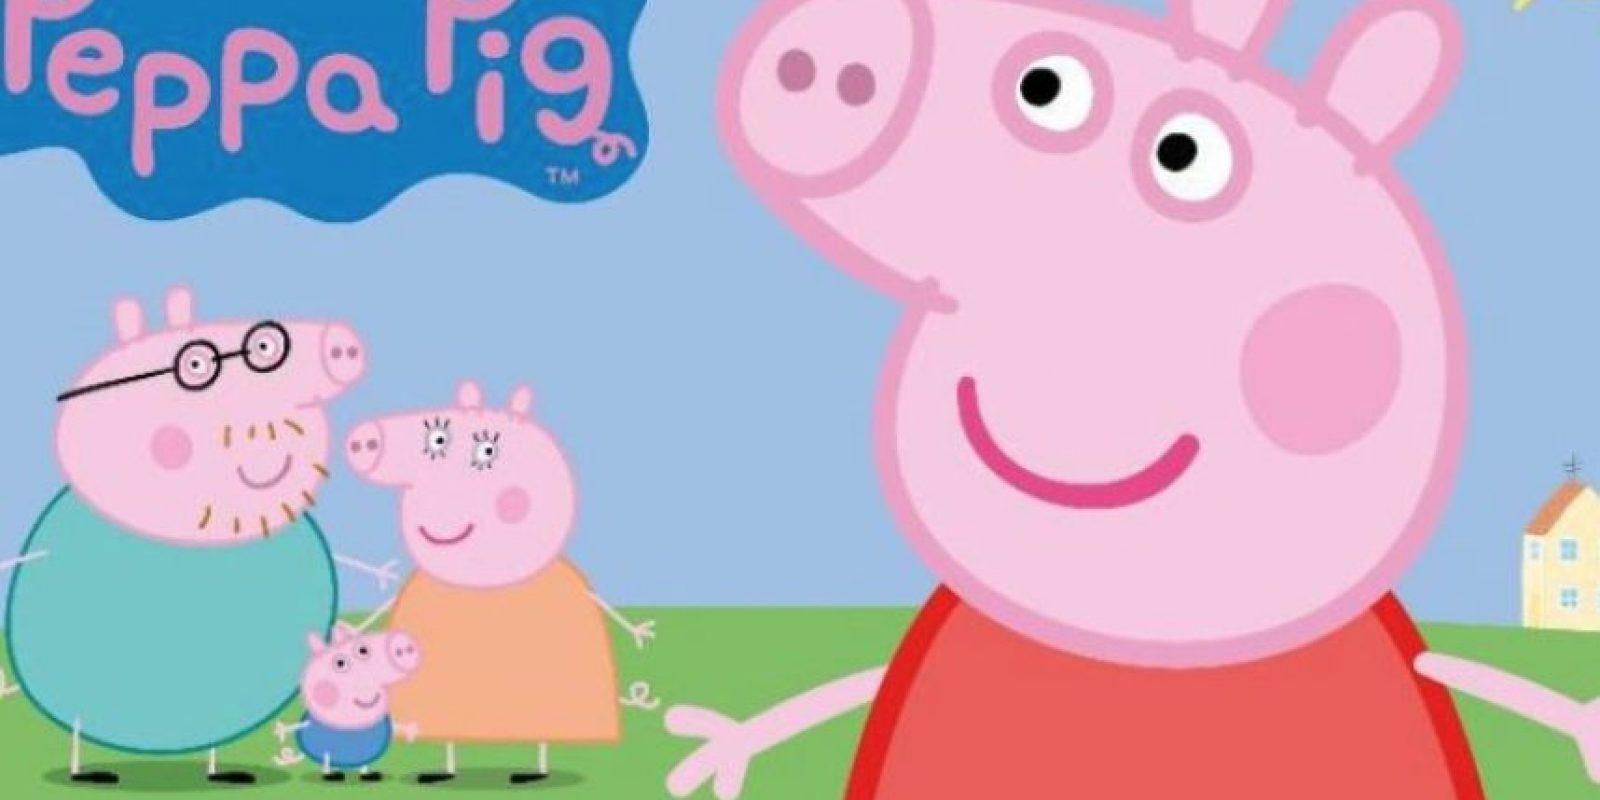 Peppa Pig (conocida en América Latina como Peppa) es una serie infantil de dibujos animados creada por Neville Astley y Mark Baker. Foto:Vía Youtube